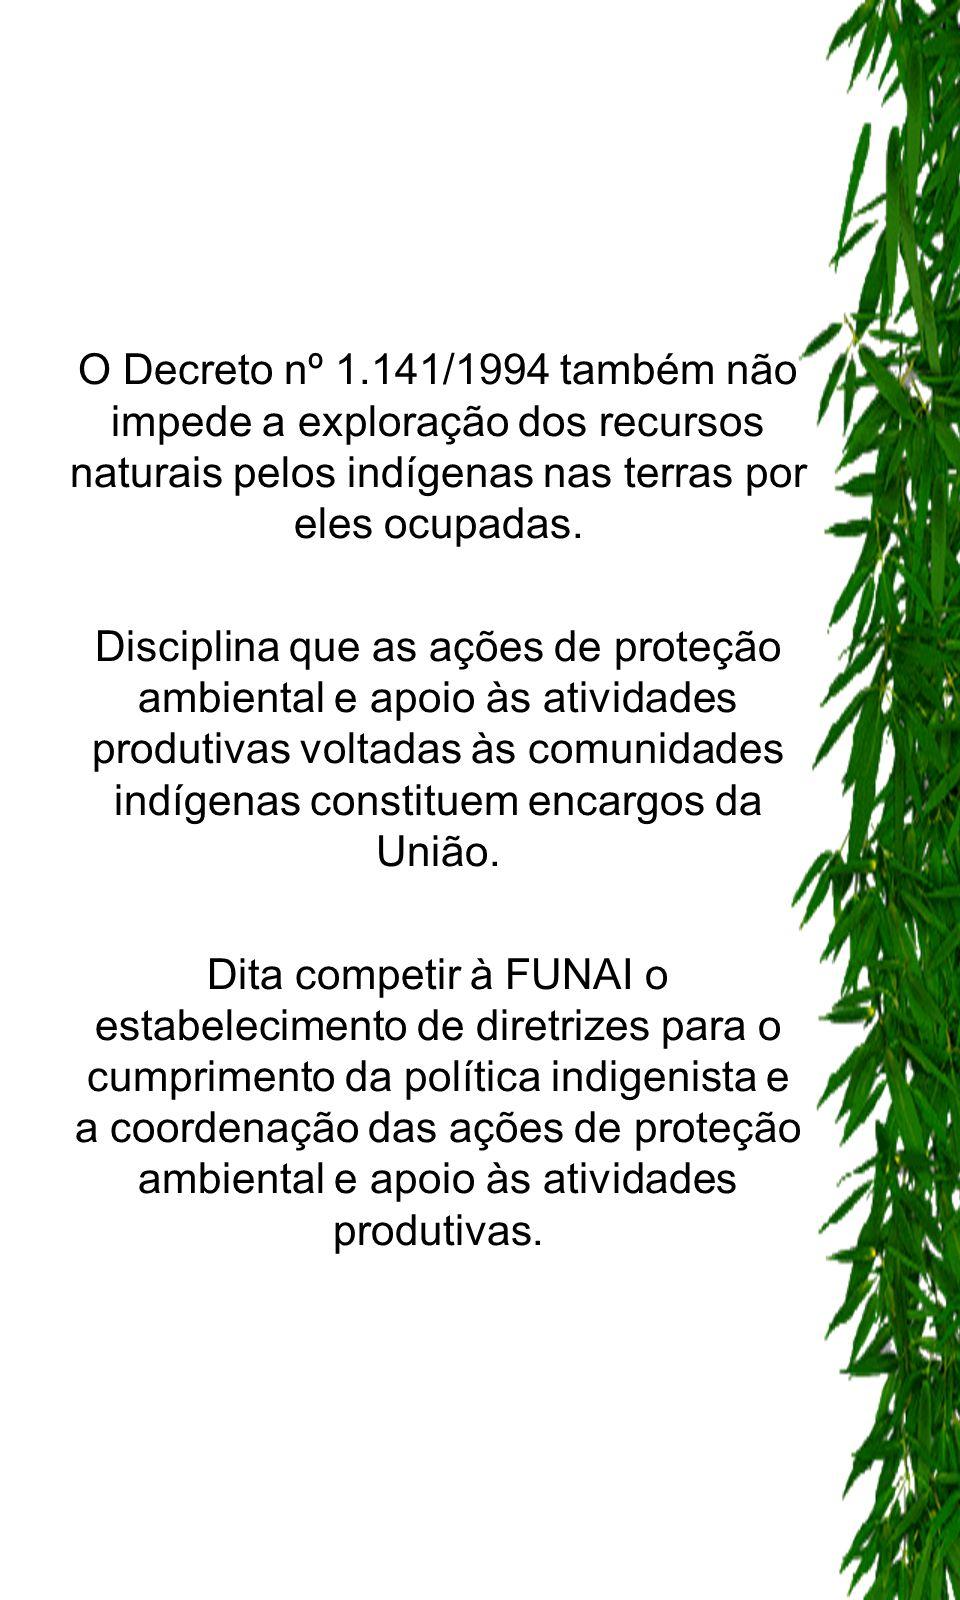 O Decreto nº 1.141/1994 também não impede a exploração dos recursos naturais pelos indígenas nas terras por eles ocupadas.